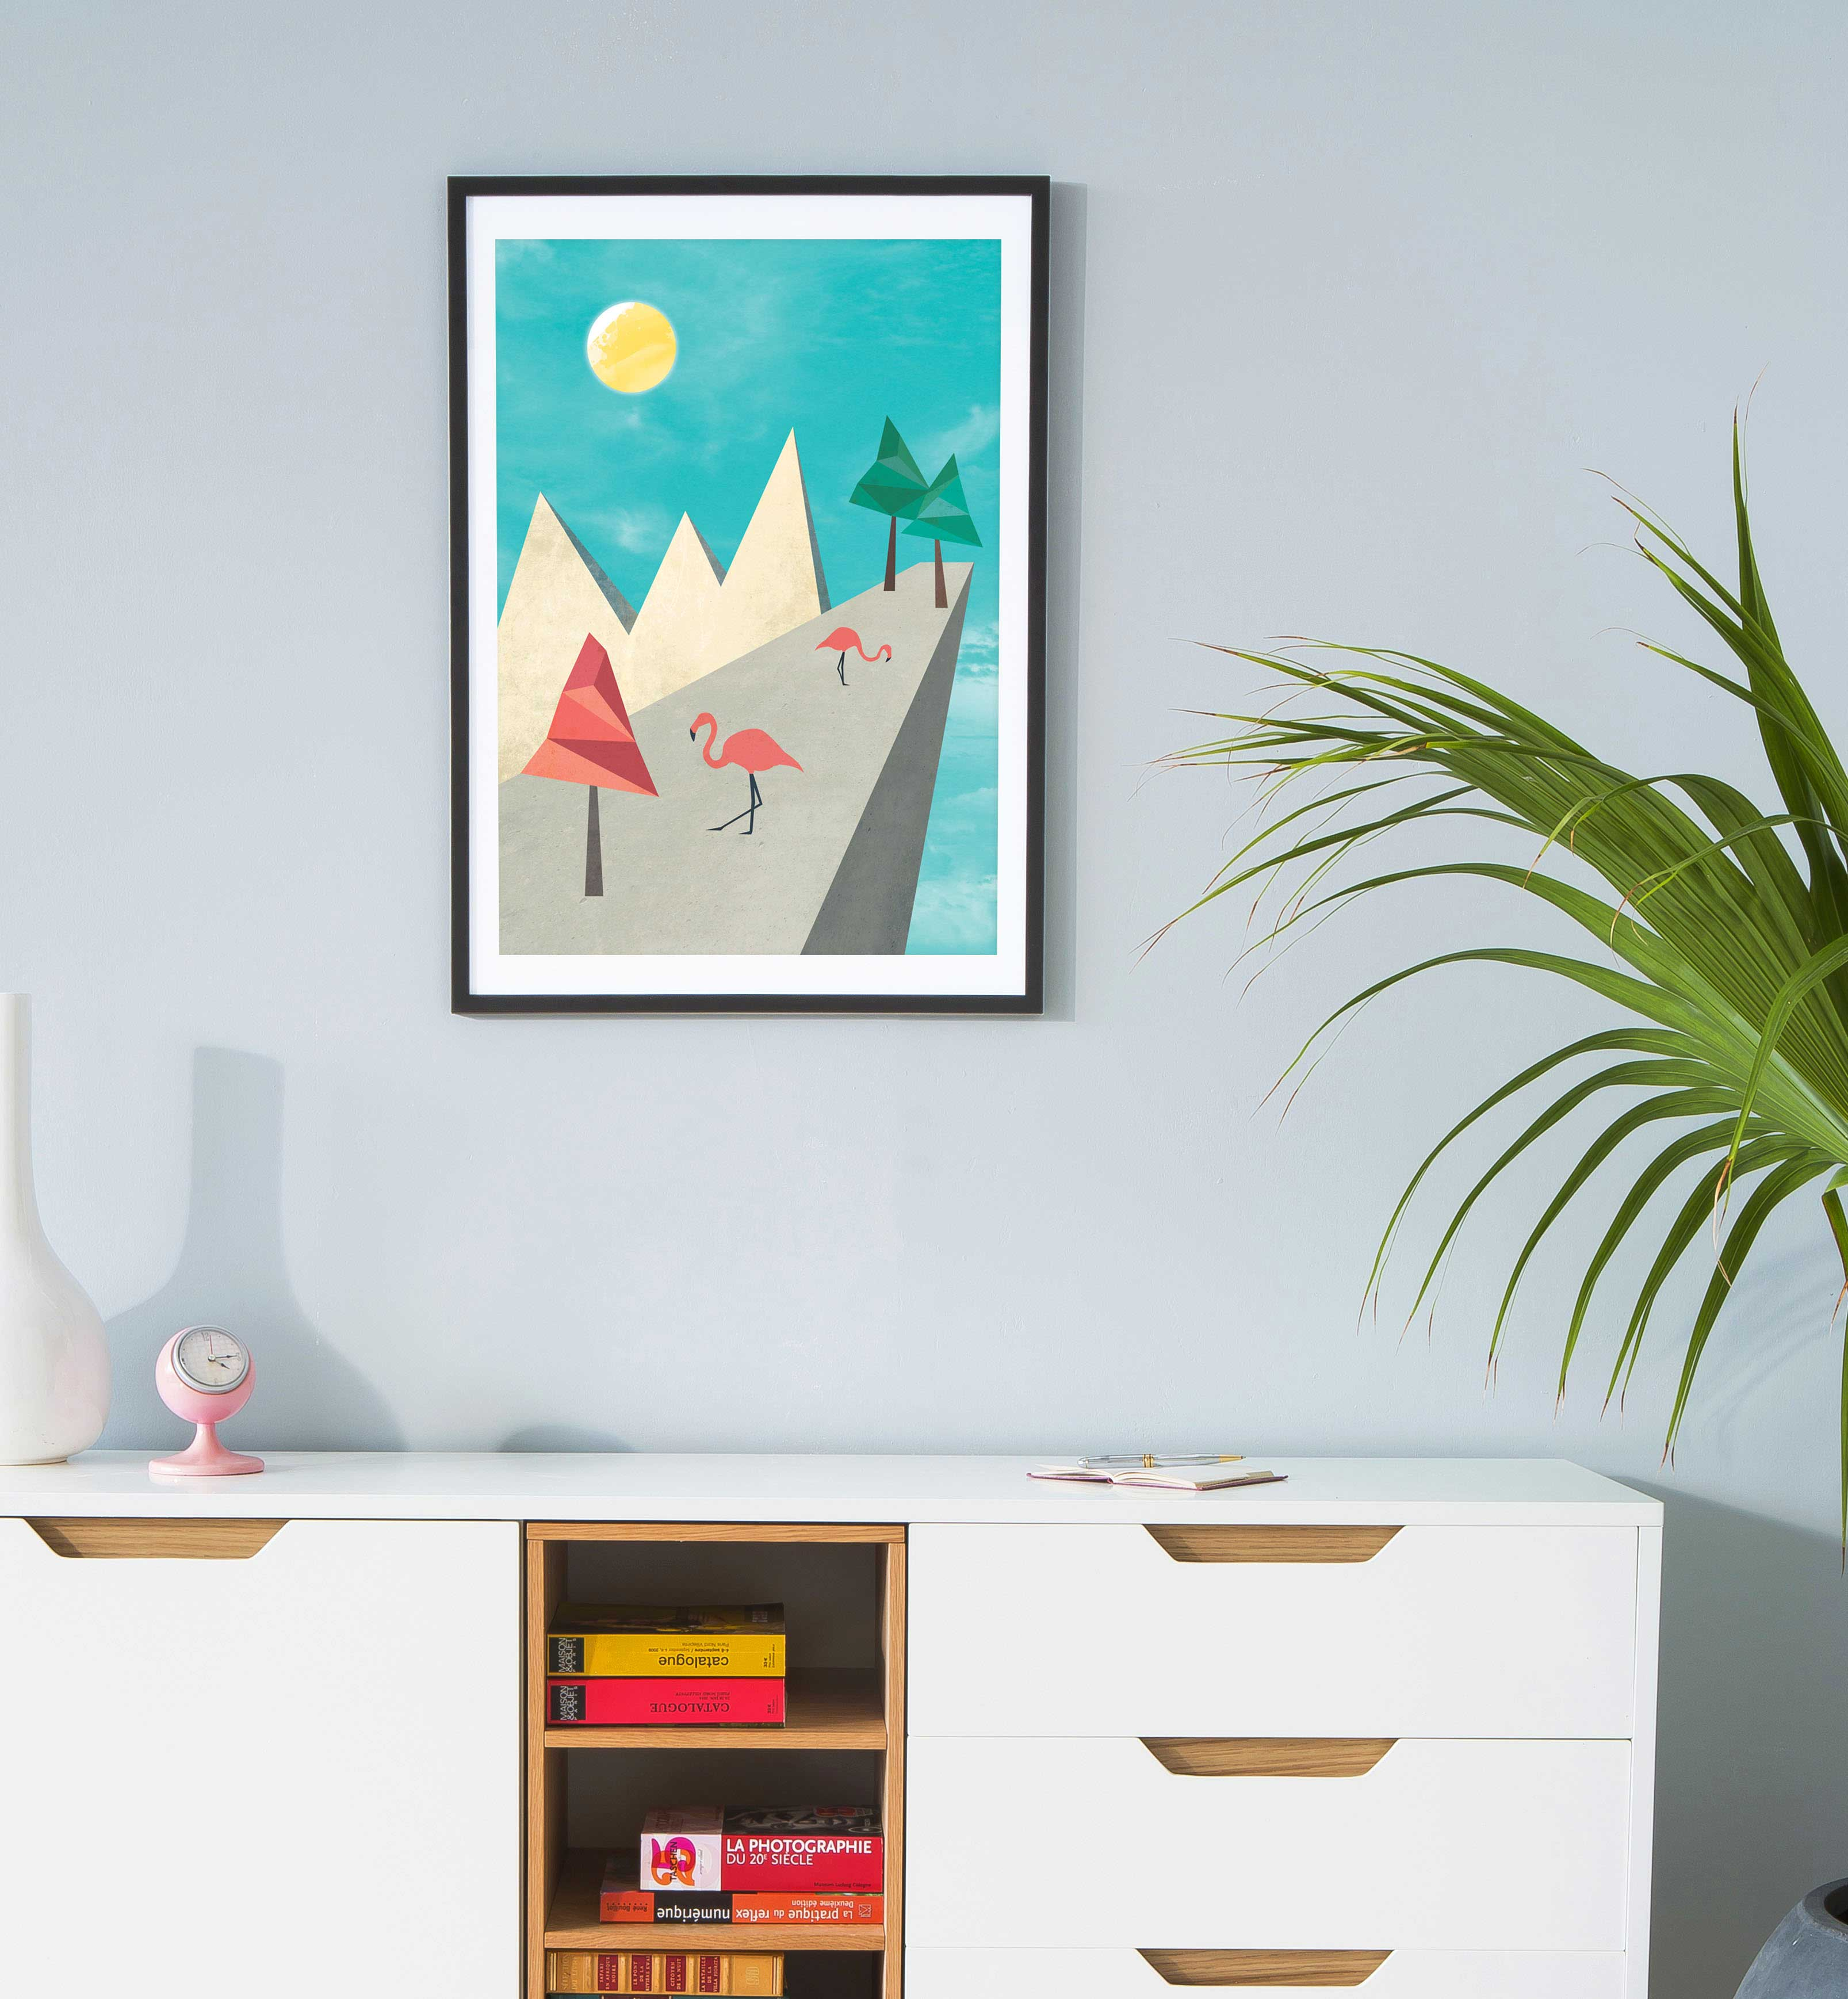 affiches d co esprit scandinave. Black Bedroom Furniture Sets. Home Design Ideas